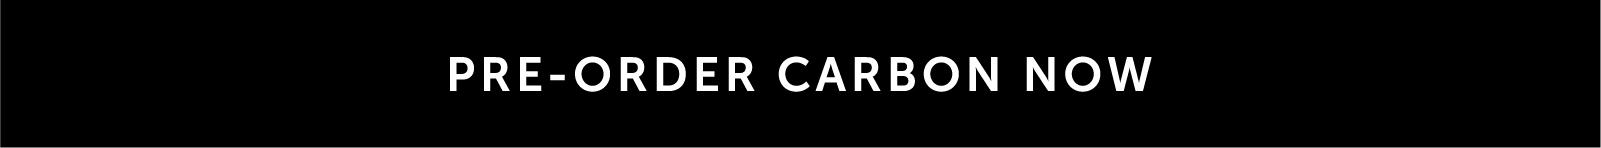 2018-03-29-carbon-explore-page-8-button.jpg